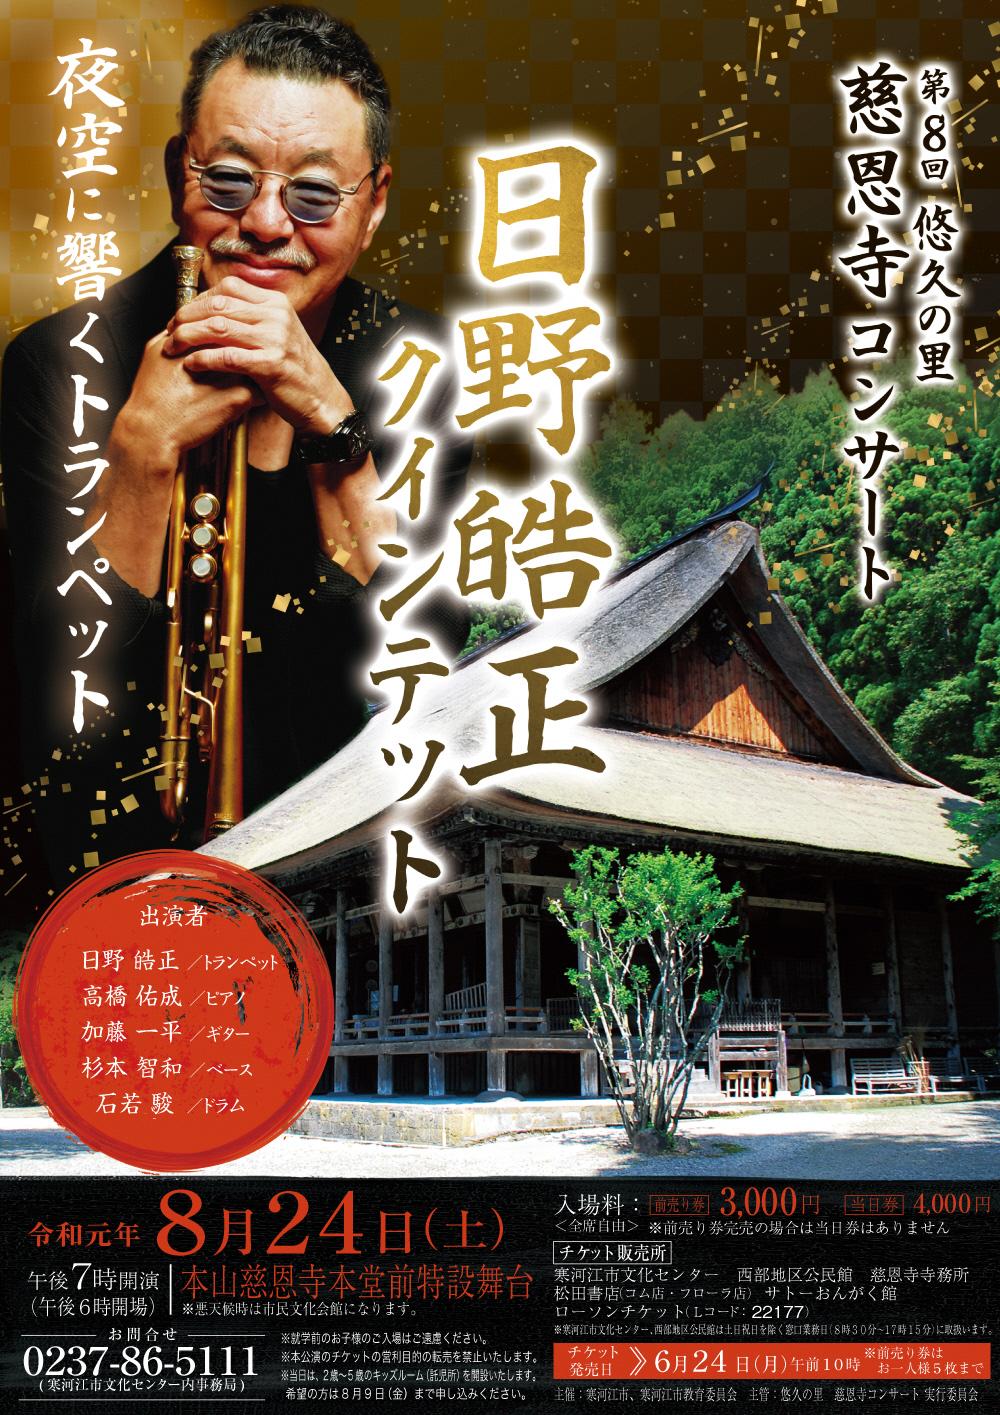 第8回 悠久の里 慈恩寺コンサート